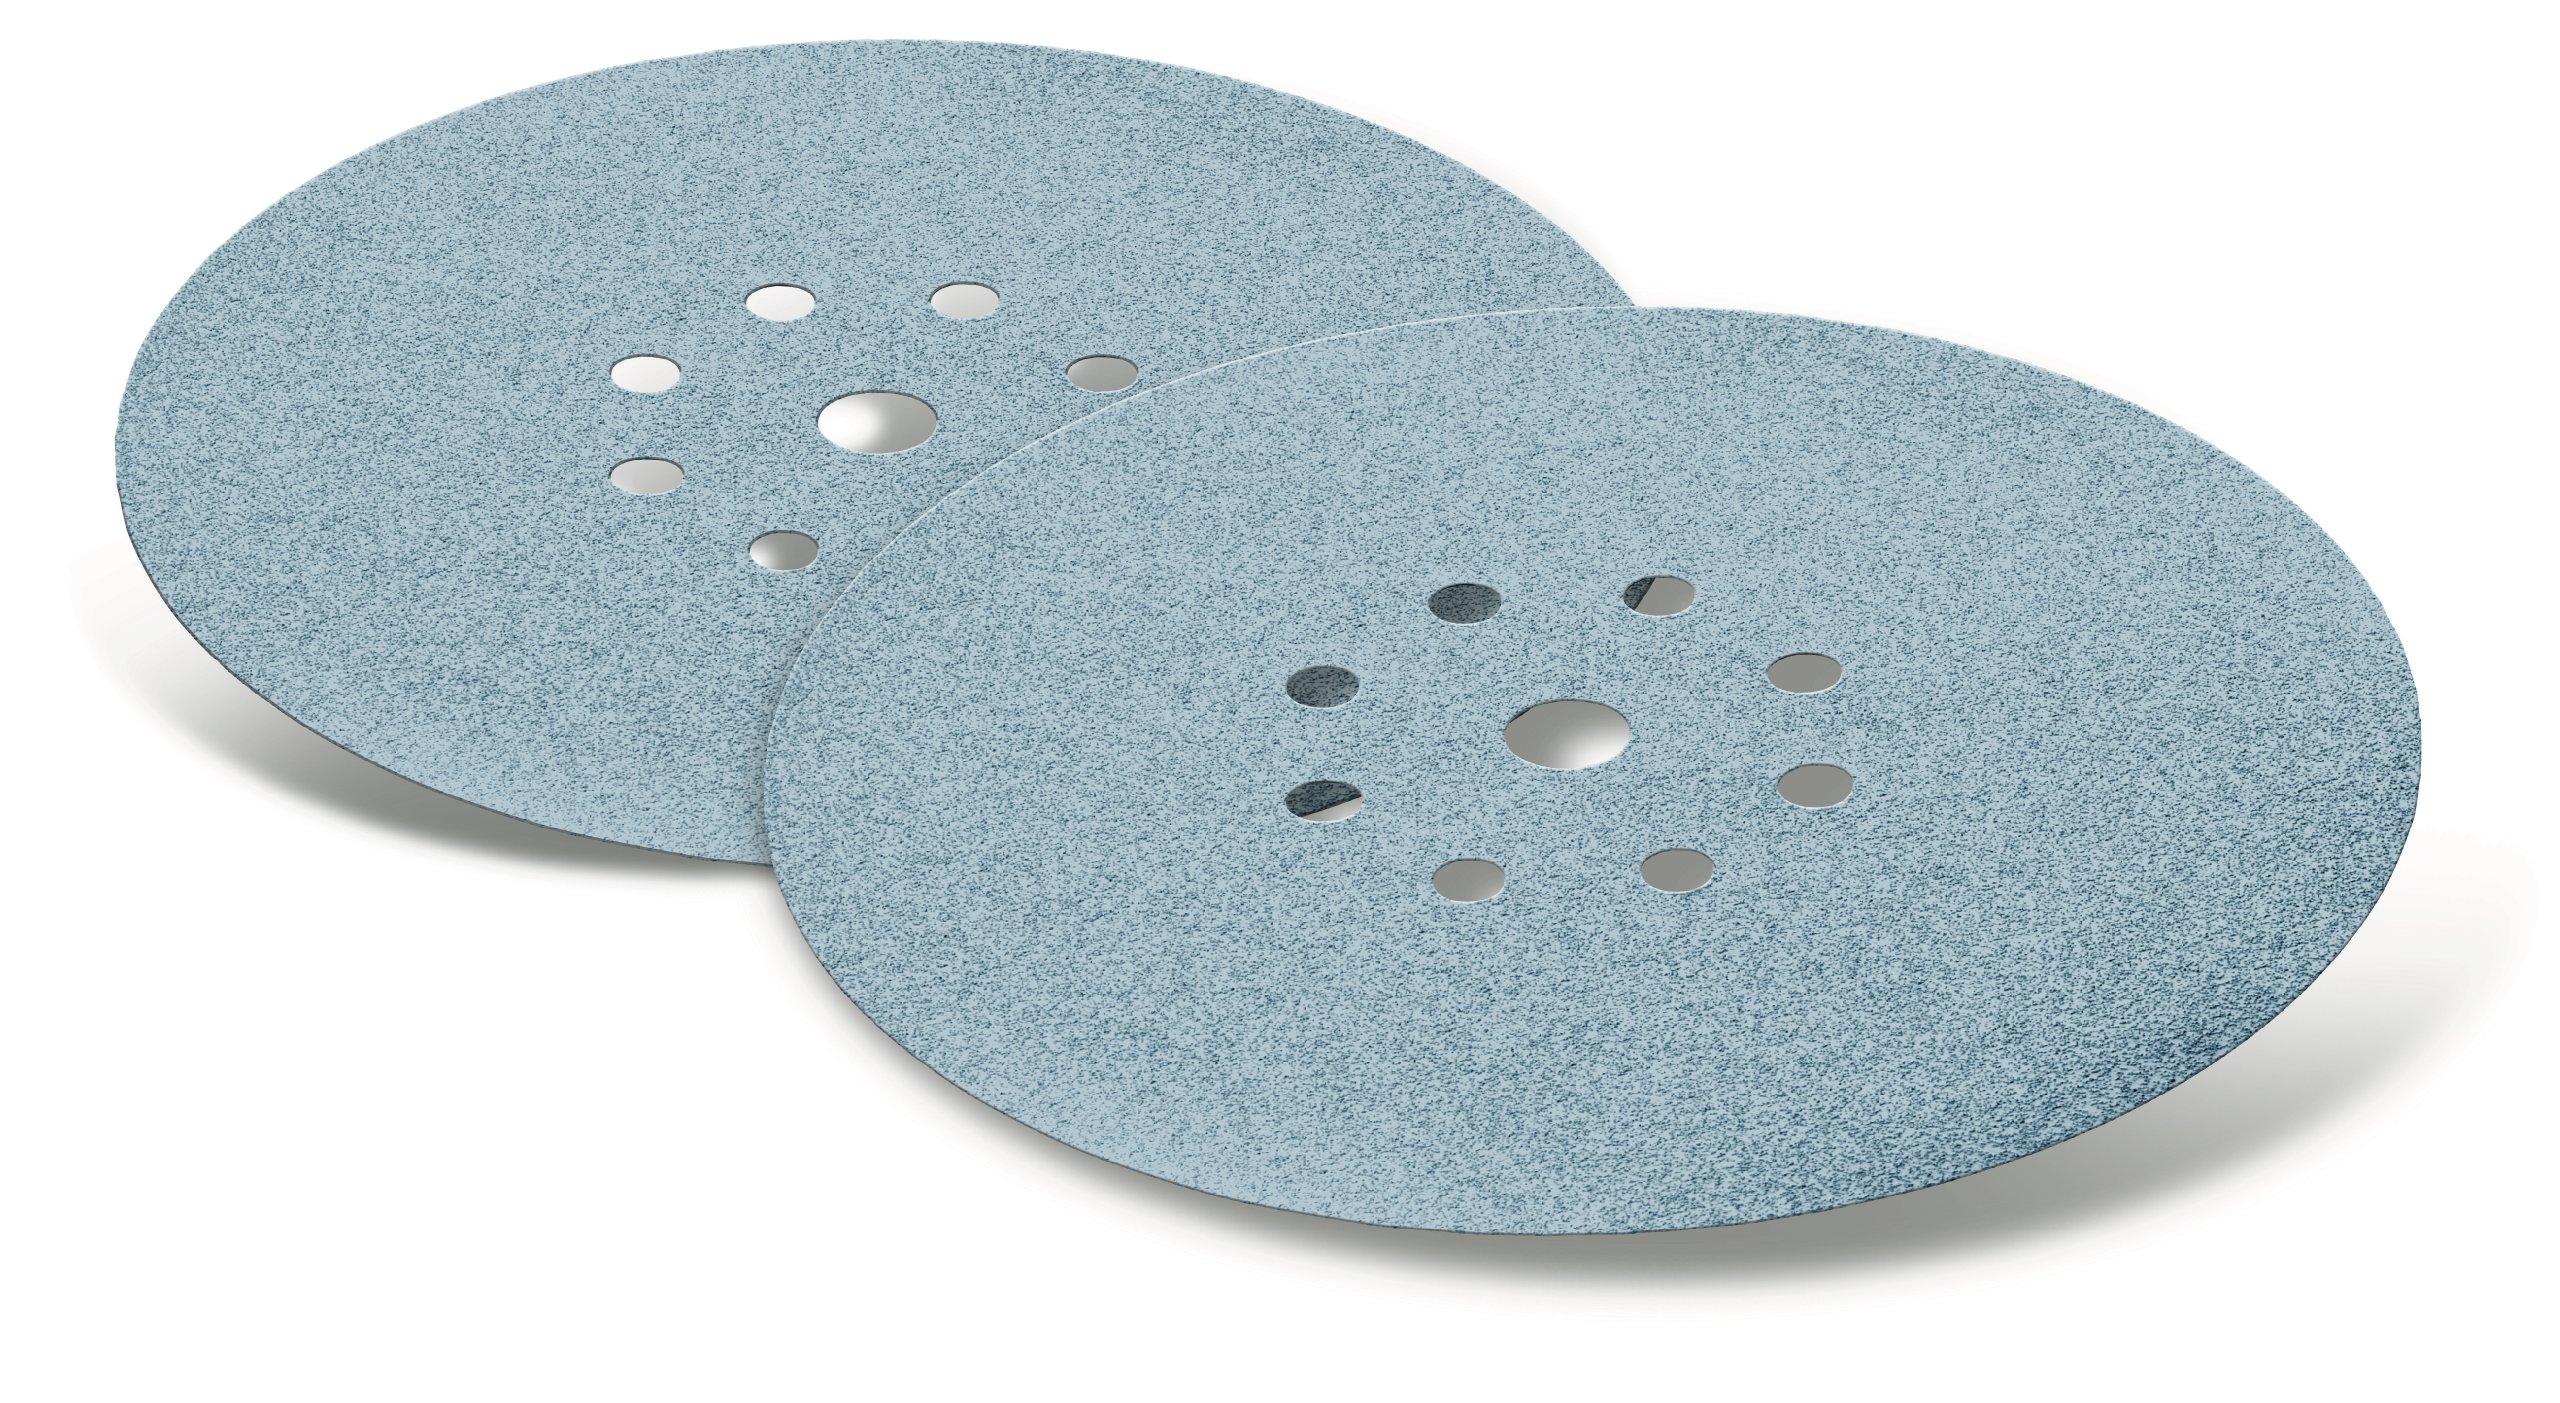 Festool 499638 Granat Abrasives D225 P120, 25-Pack by Festool